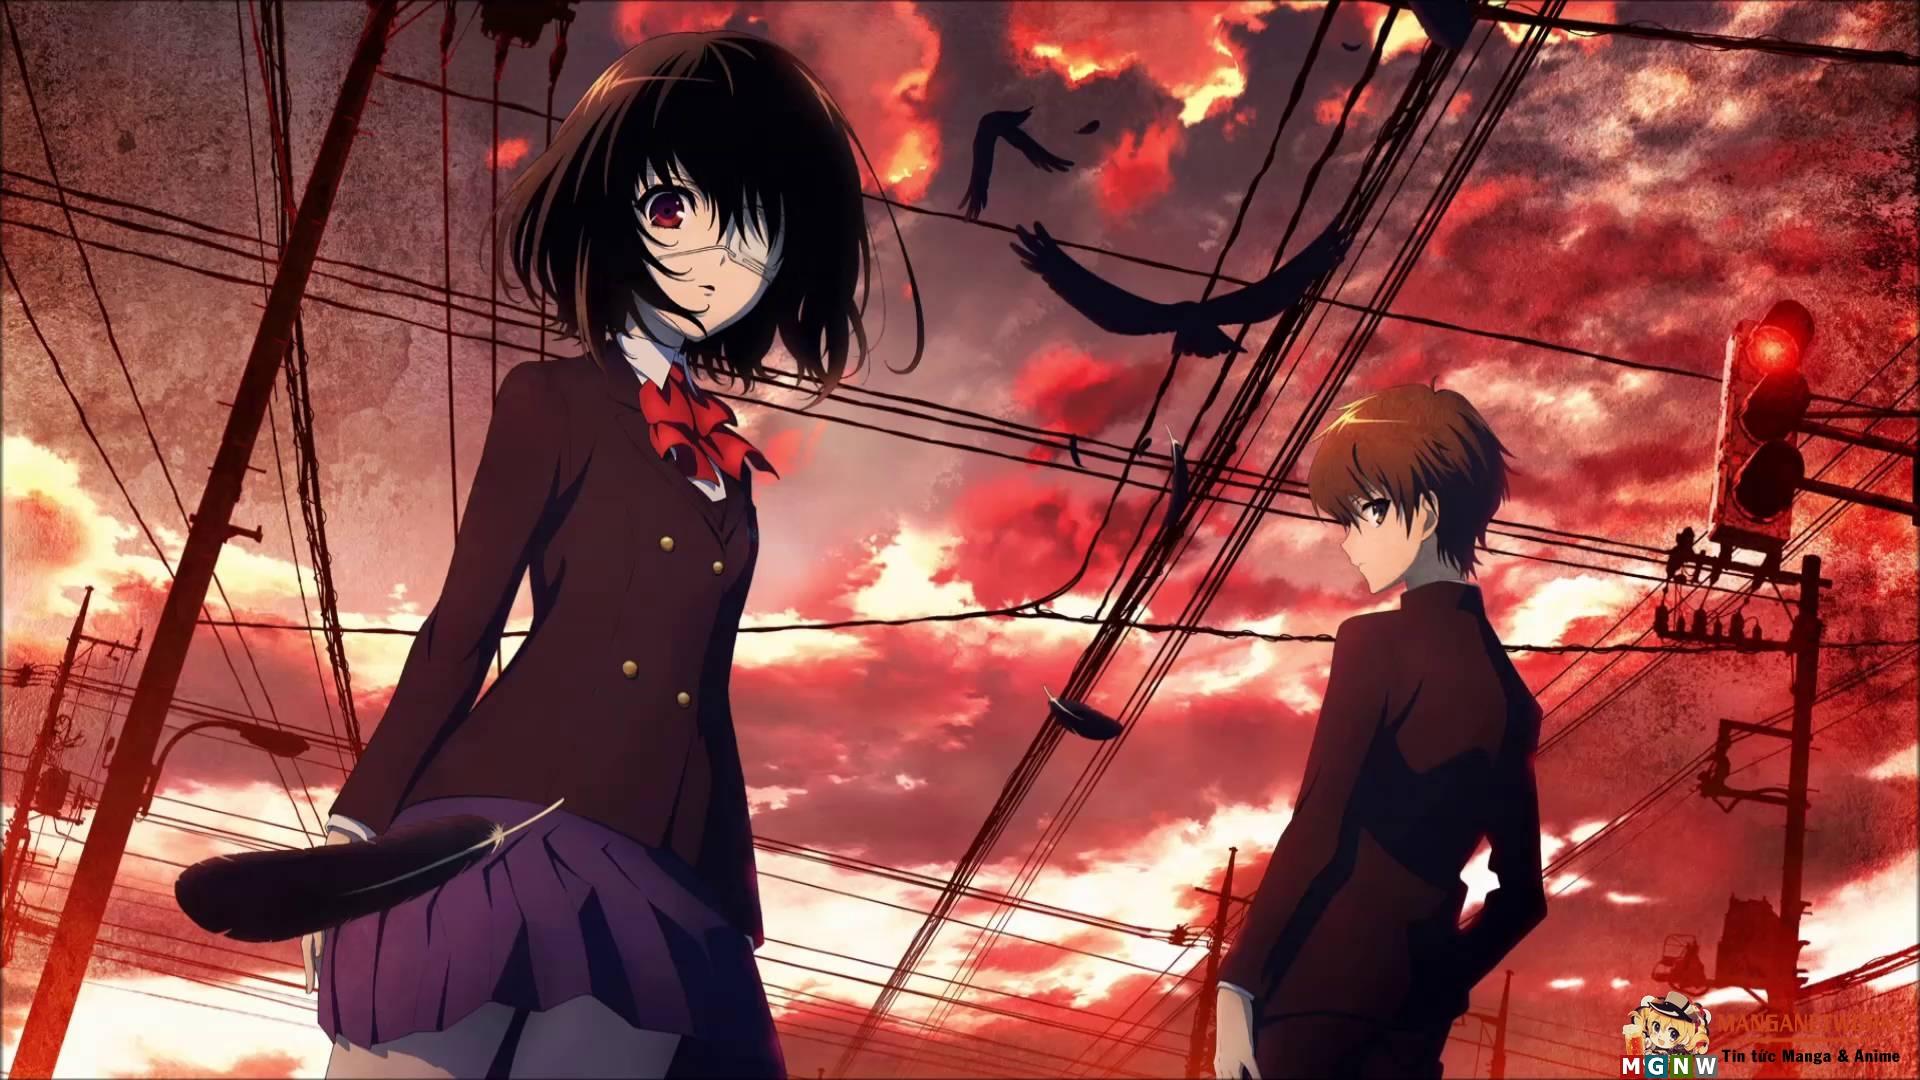 28086068352 f08d0c210c o 15 anime hay nhất về chủ đề học đường